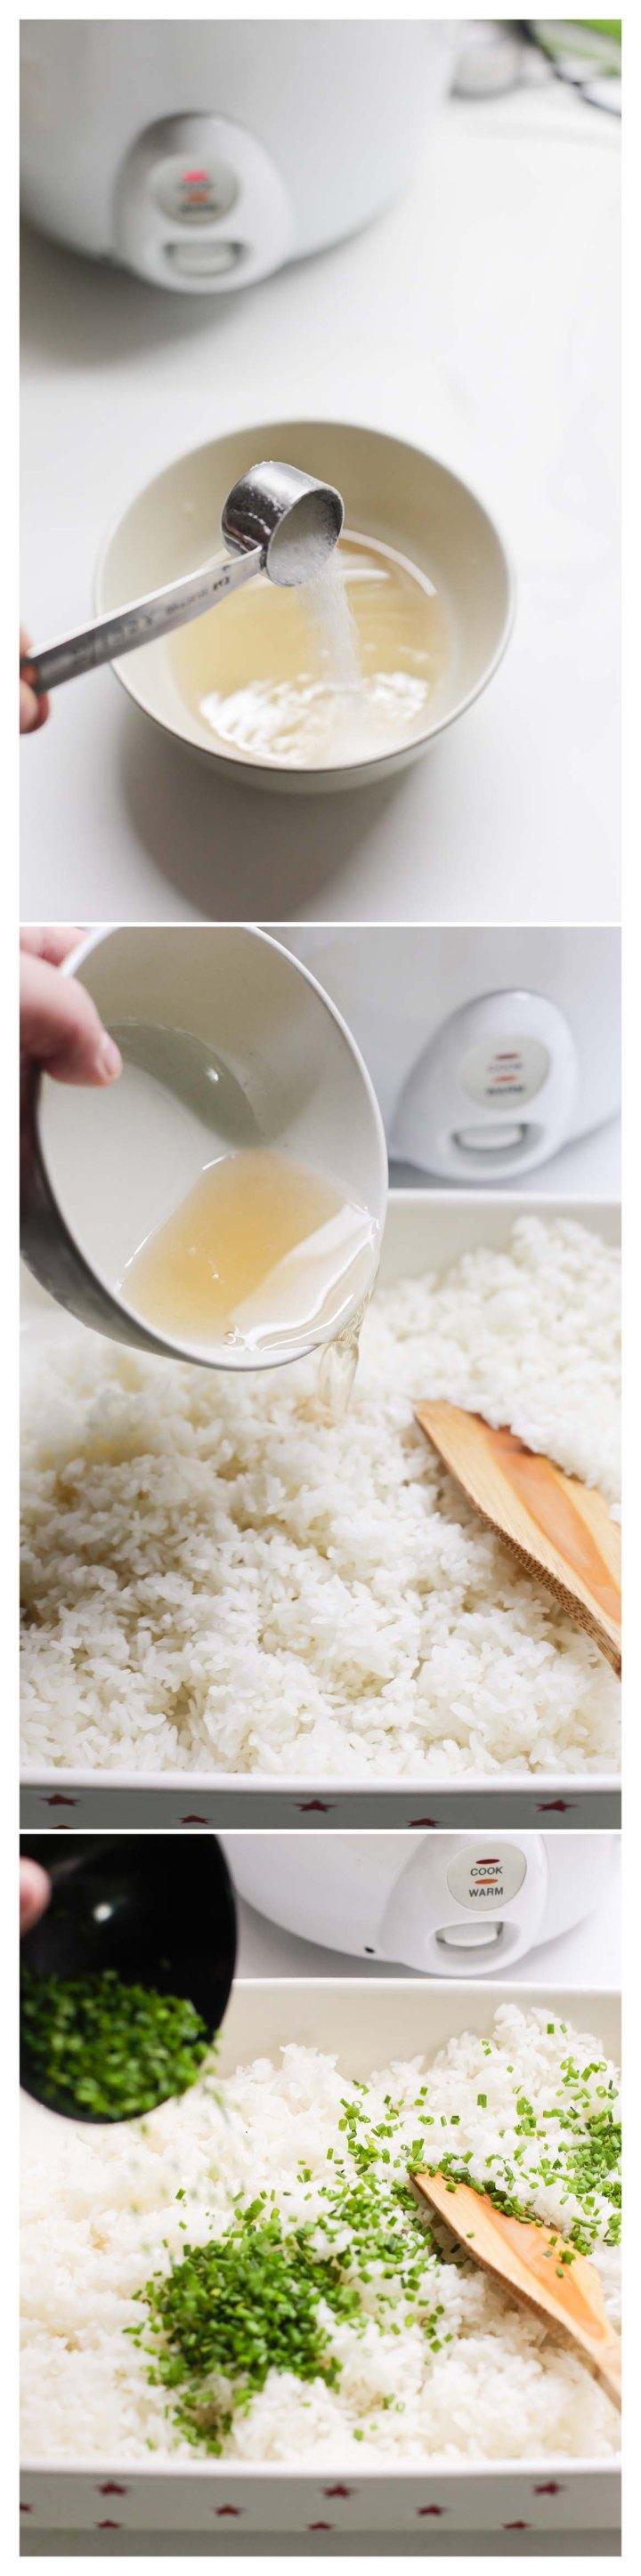 elaboracion de arroz 2